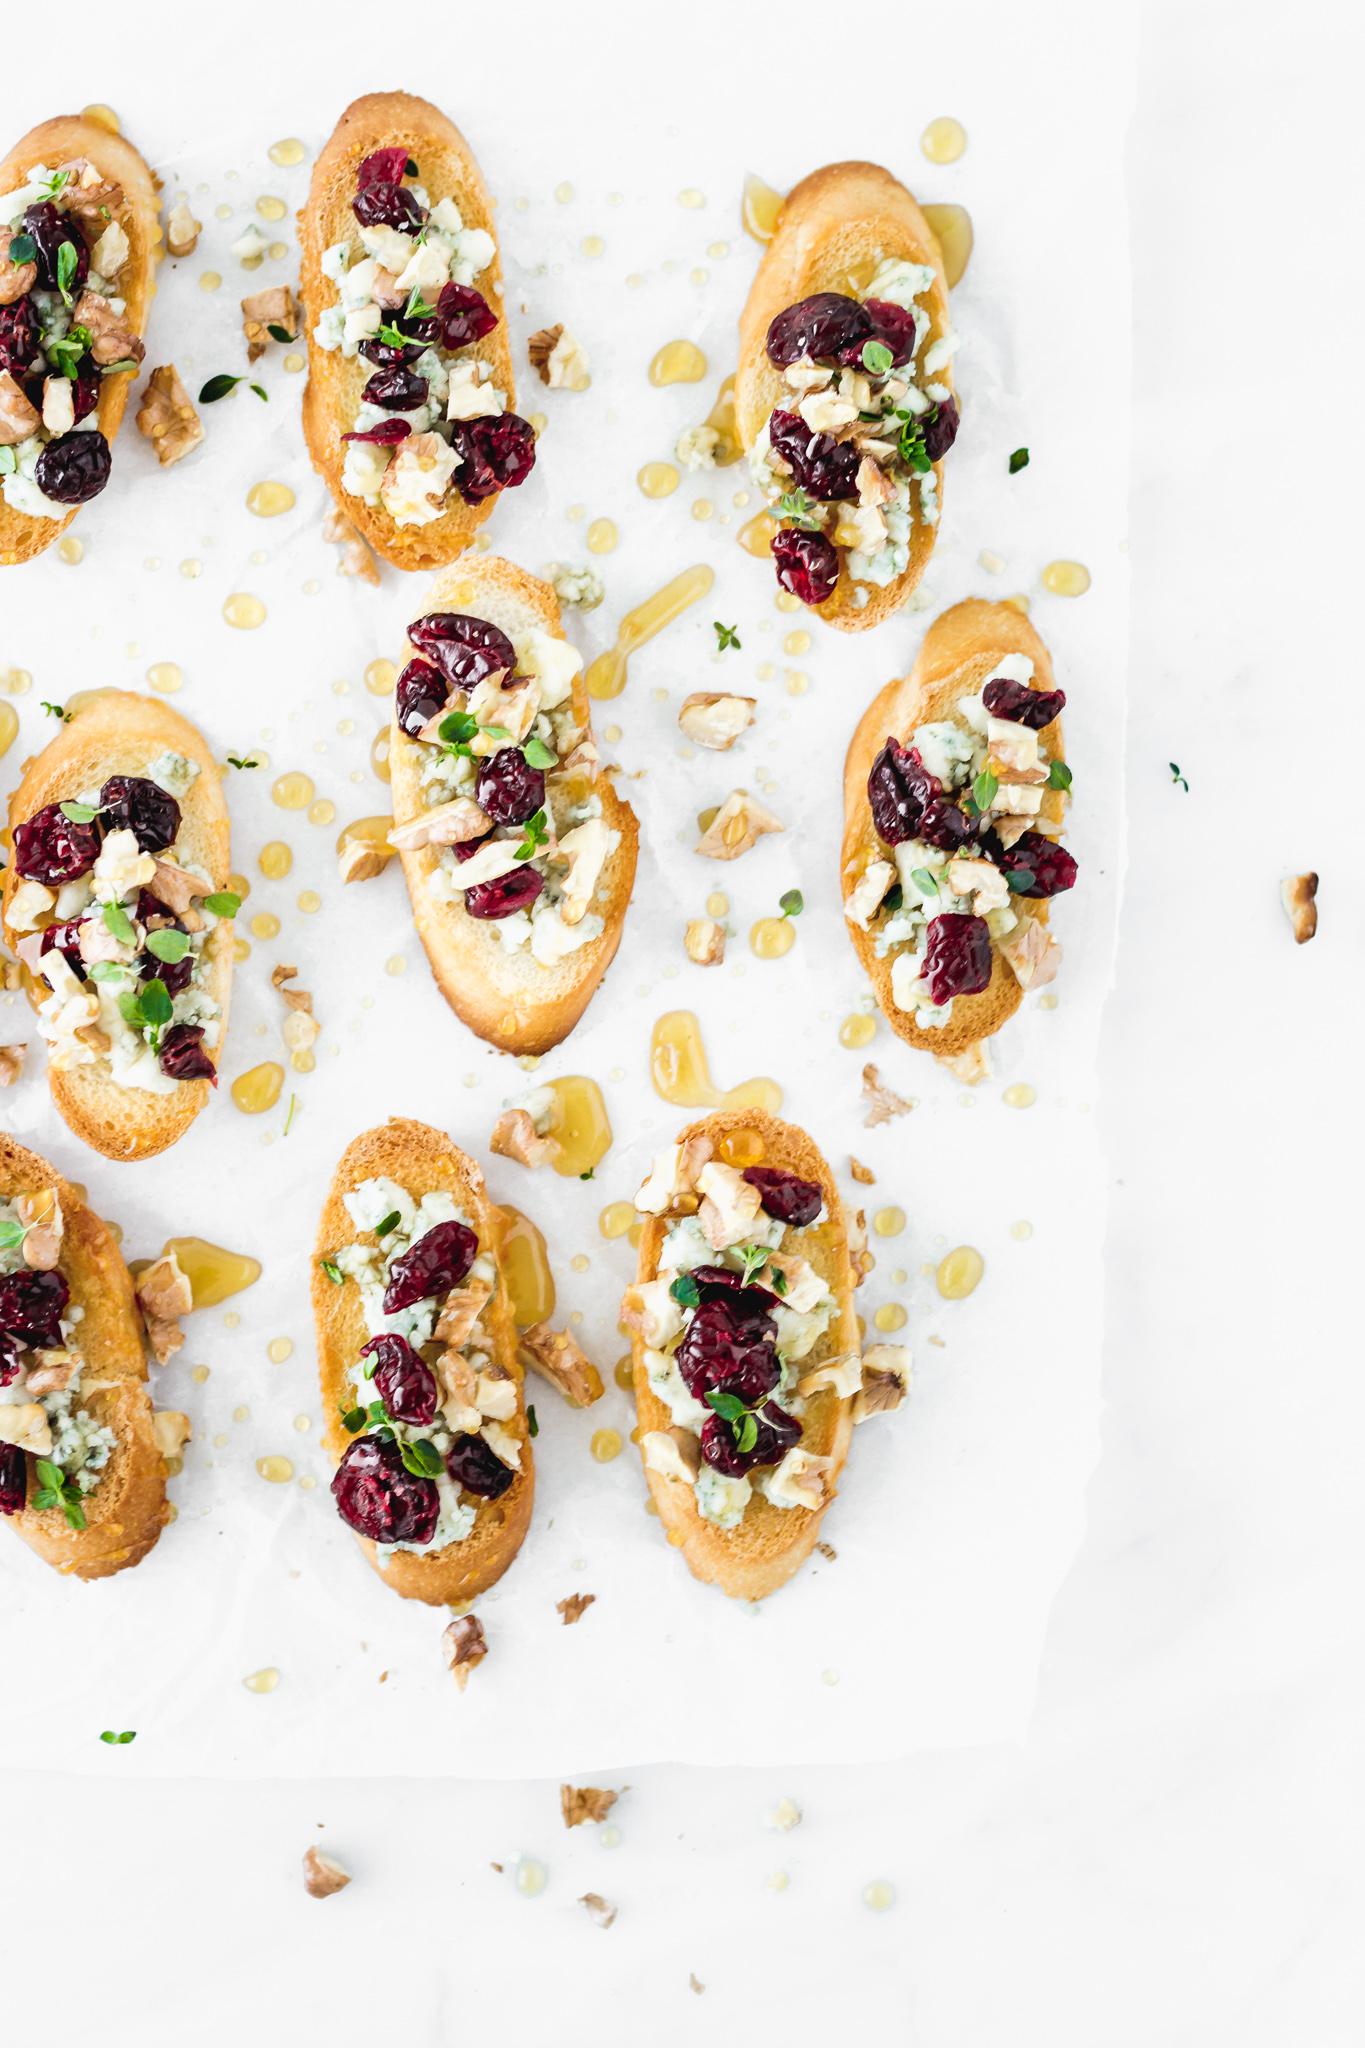 Crostini de queso azul, cranberries, nueces y miel